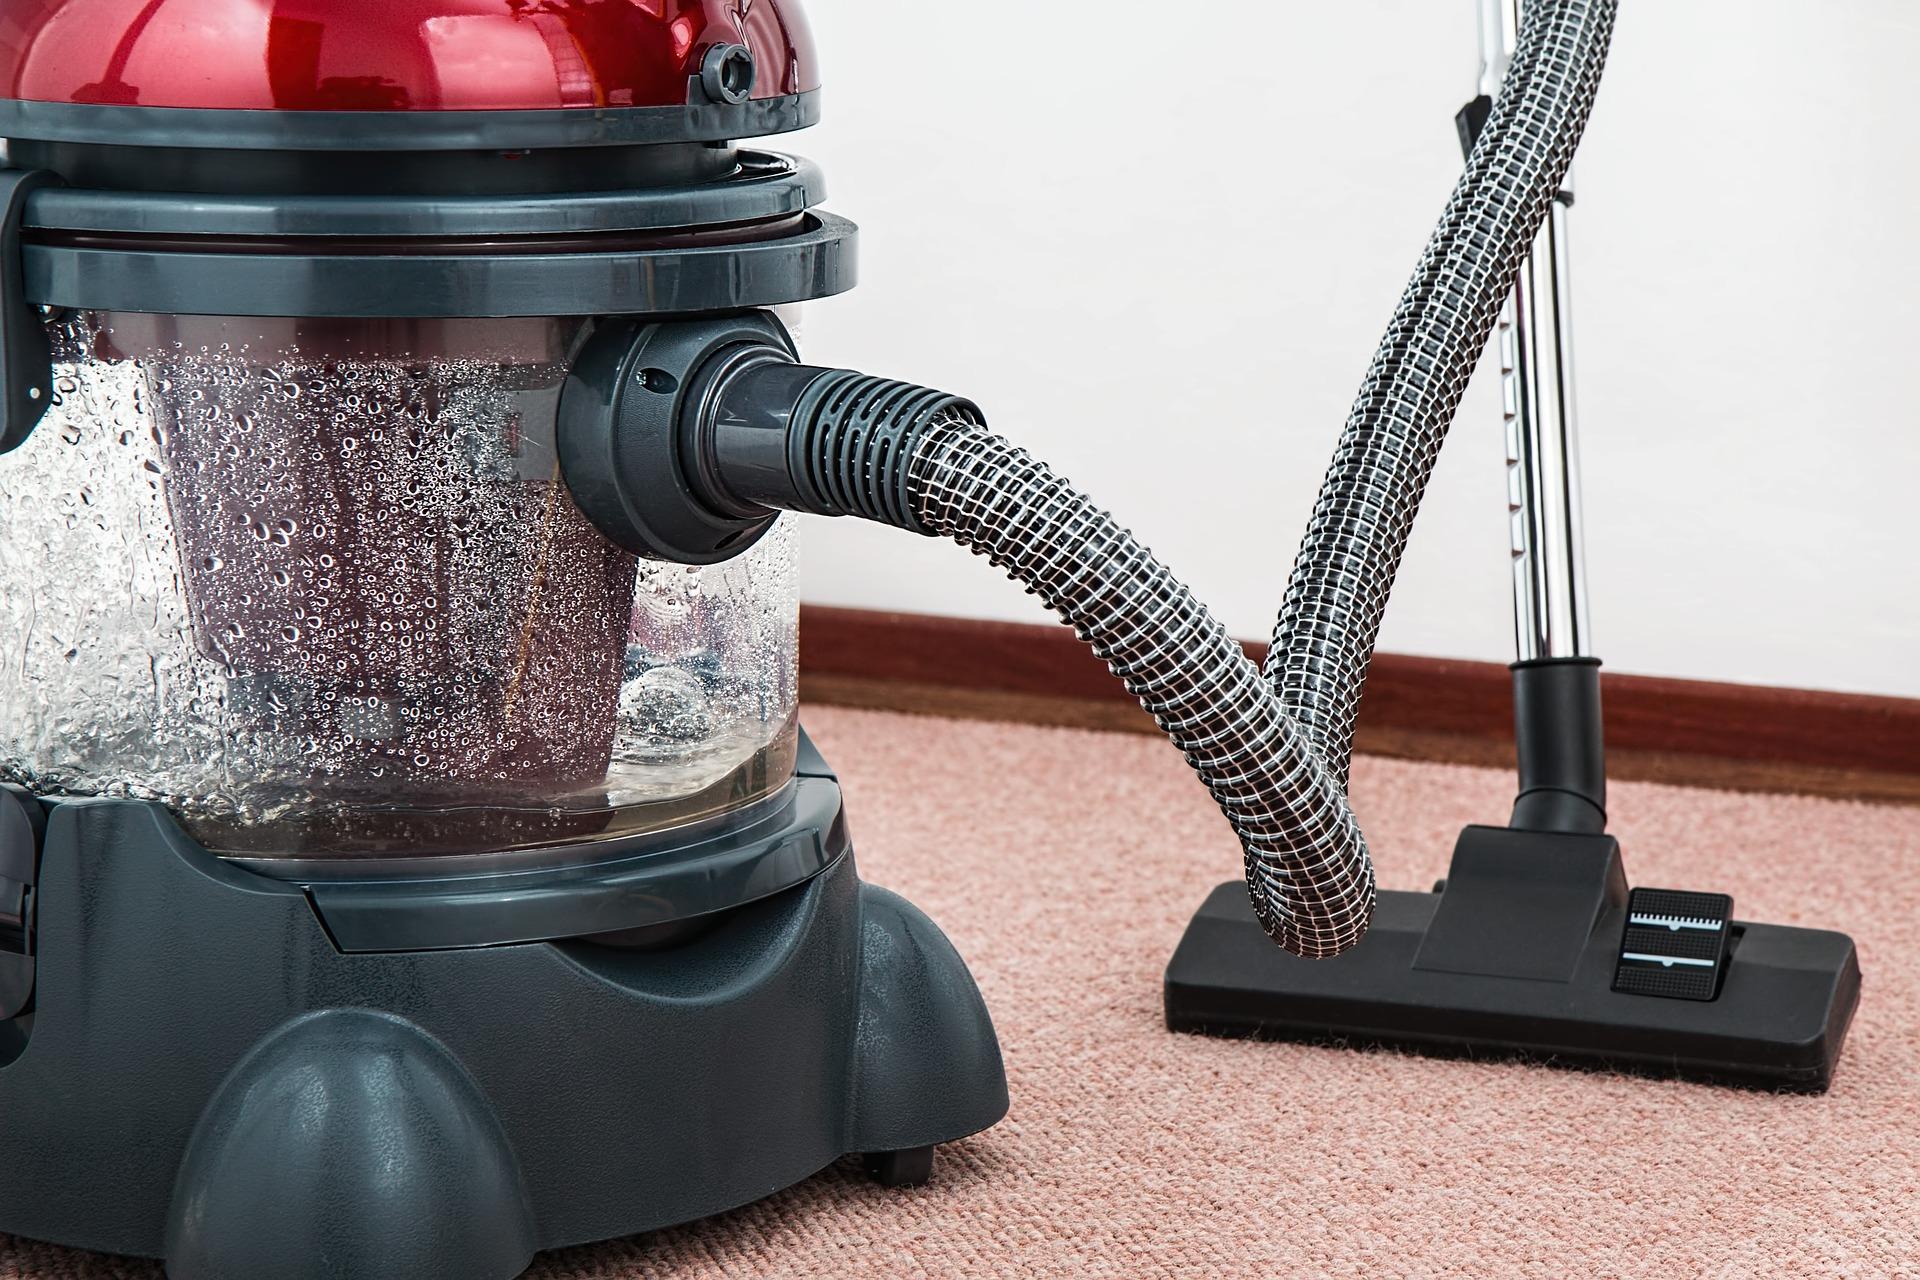 vacuum-cleaner-657719_1920 (1)